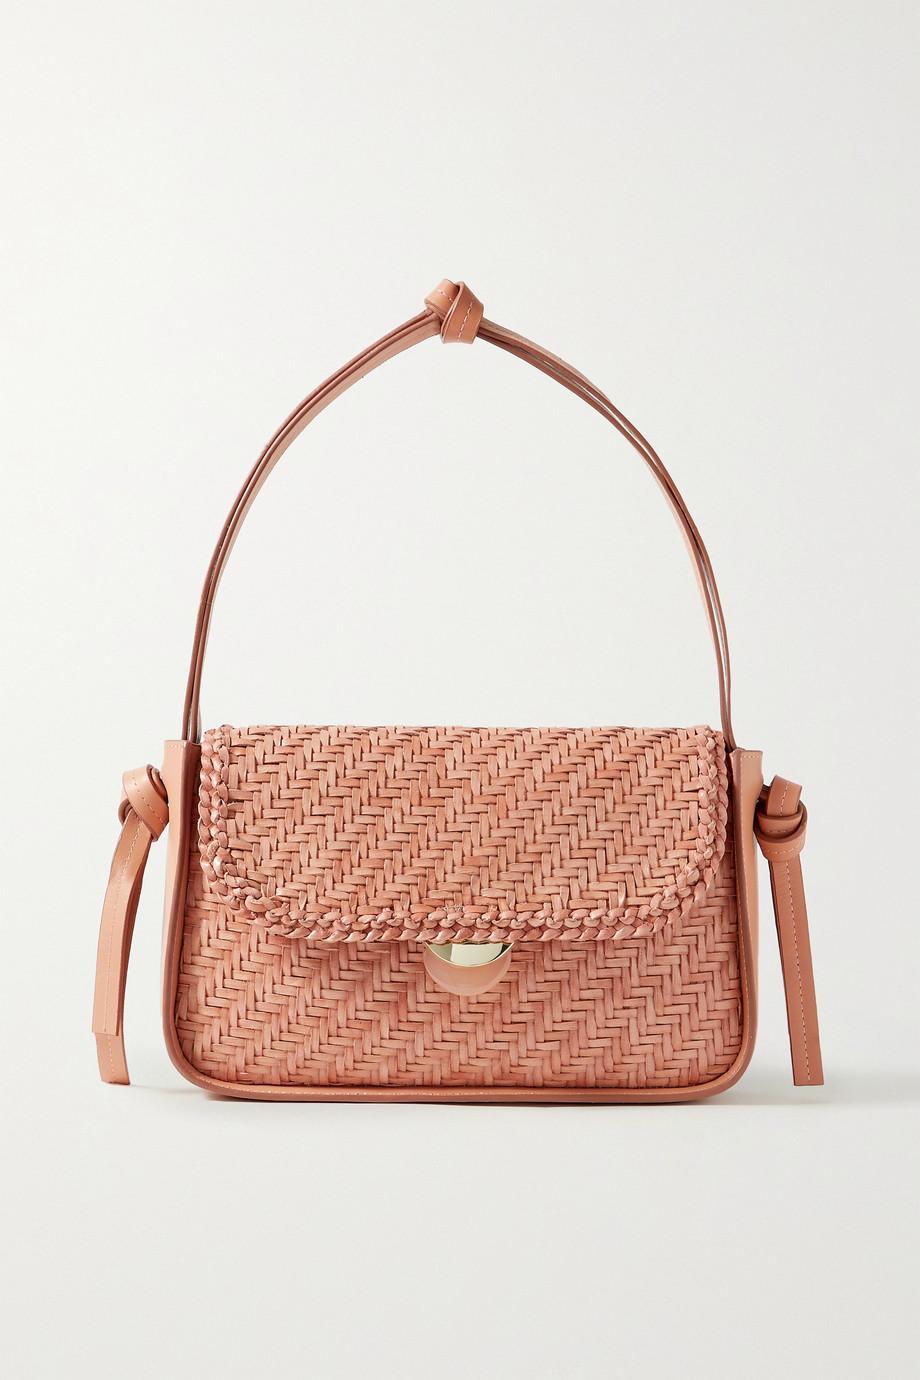 Loeffler Randall Maggie woven leather shoulder bag